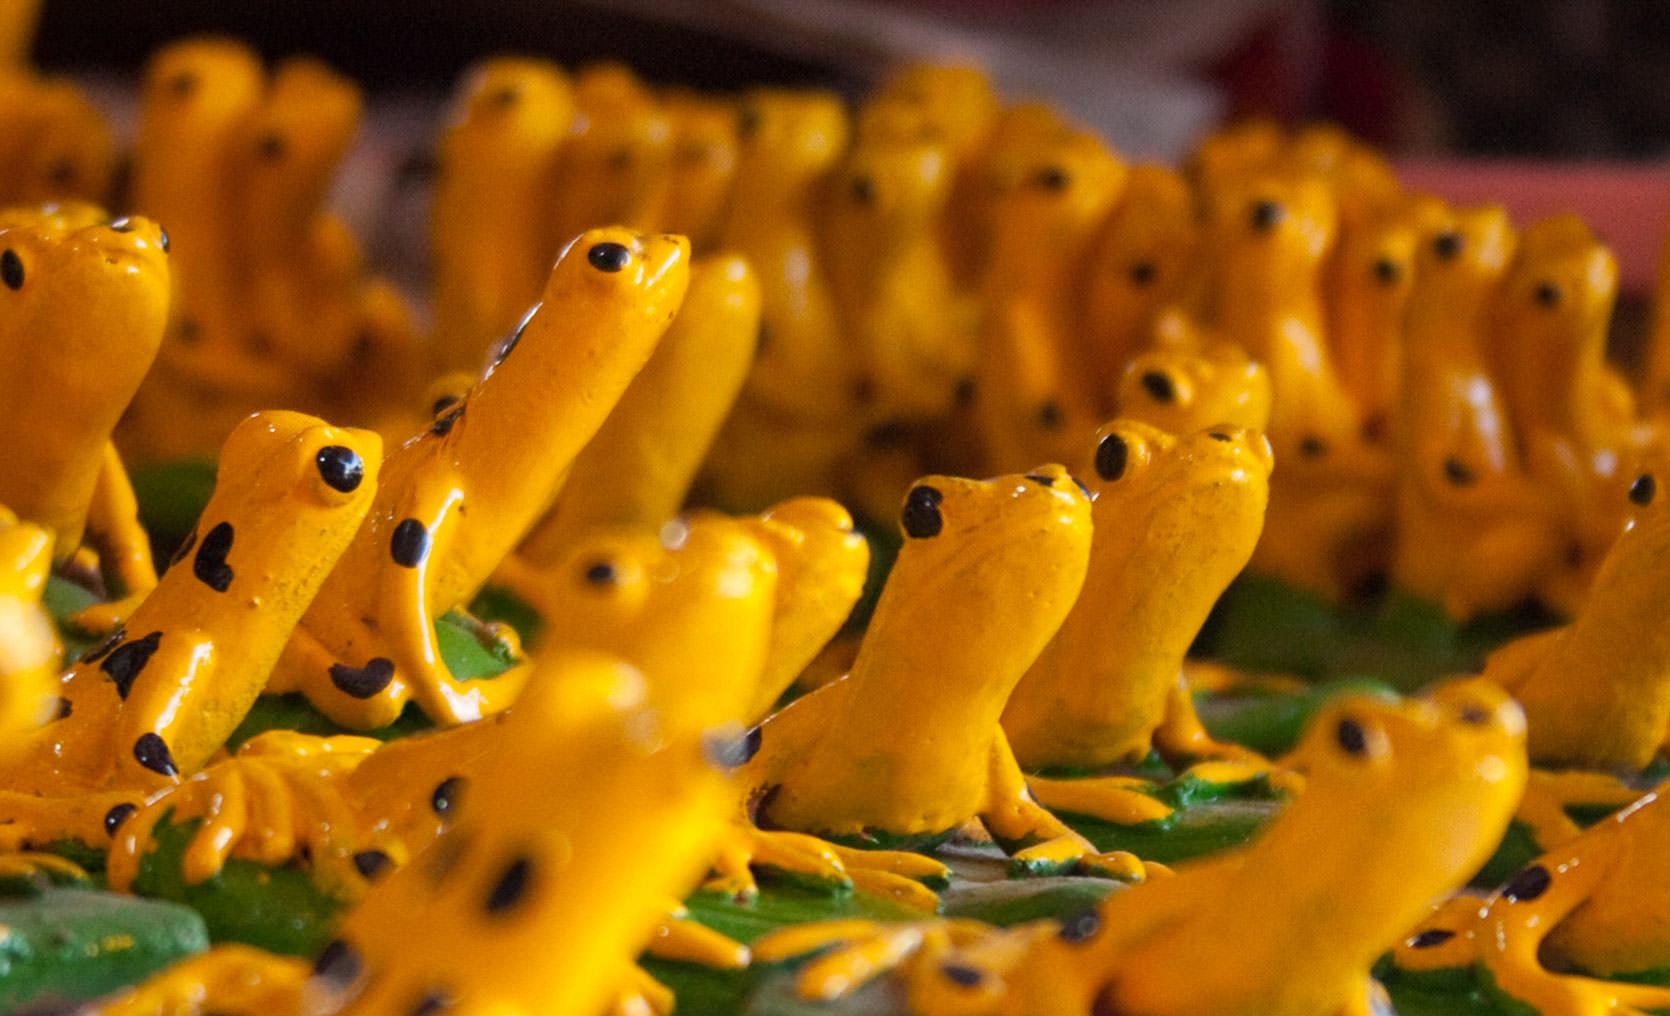 Bricks For Sale >> El Valle de Anton | The Wise Glass Frog of El Valle de Anton